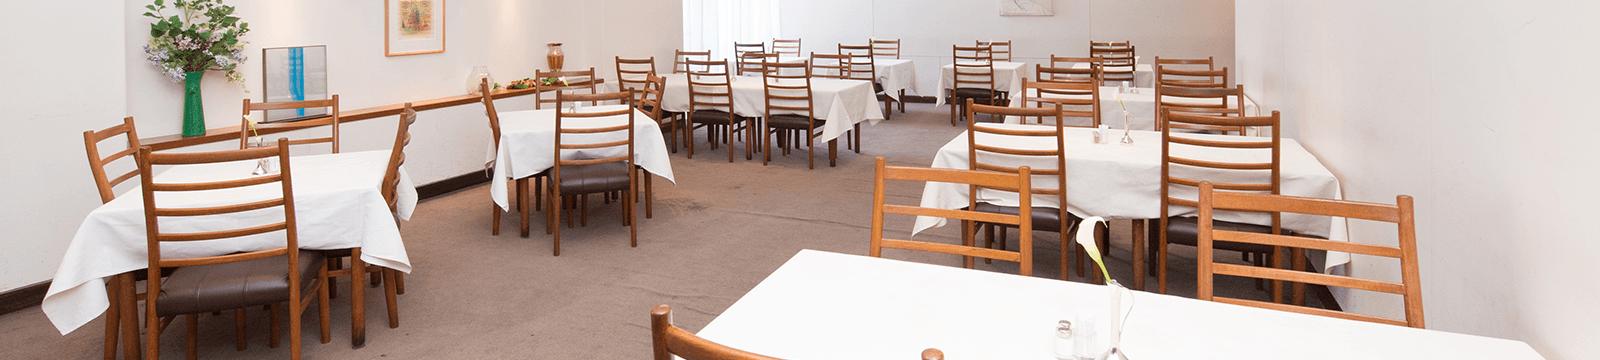 レストラン香味屋の法事・法要イメージ